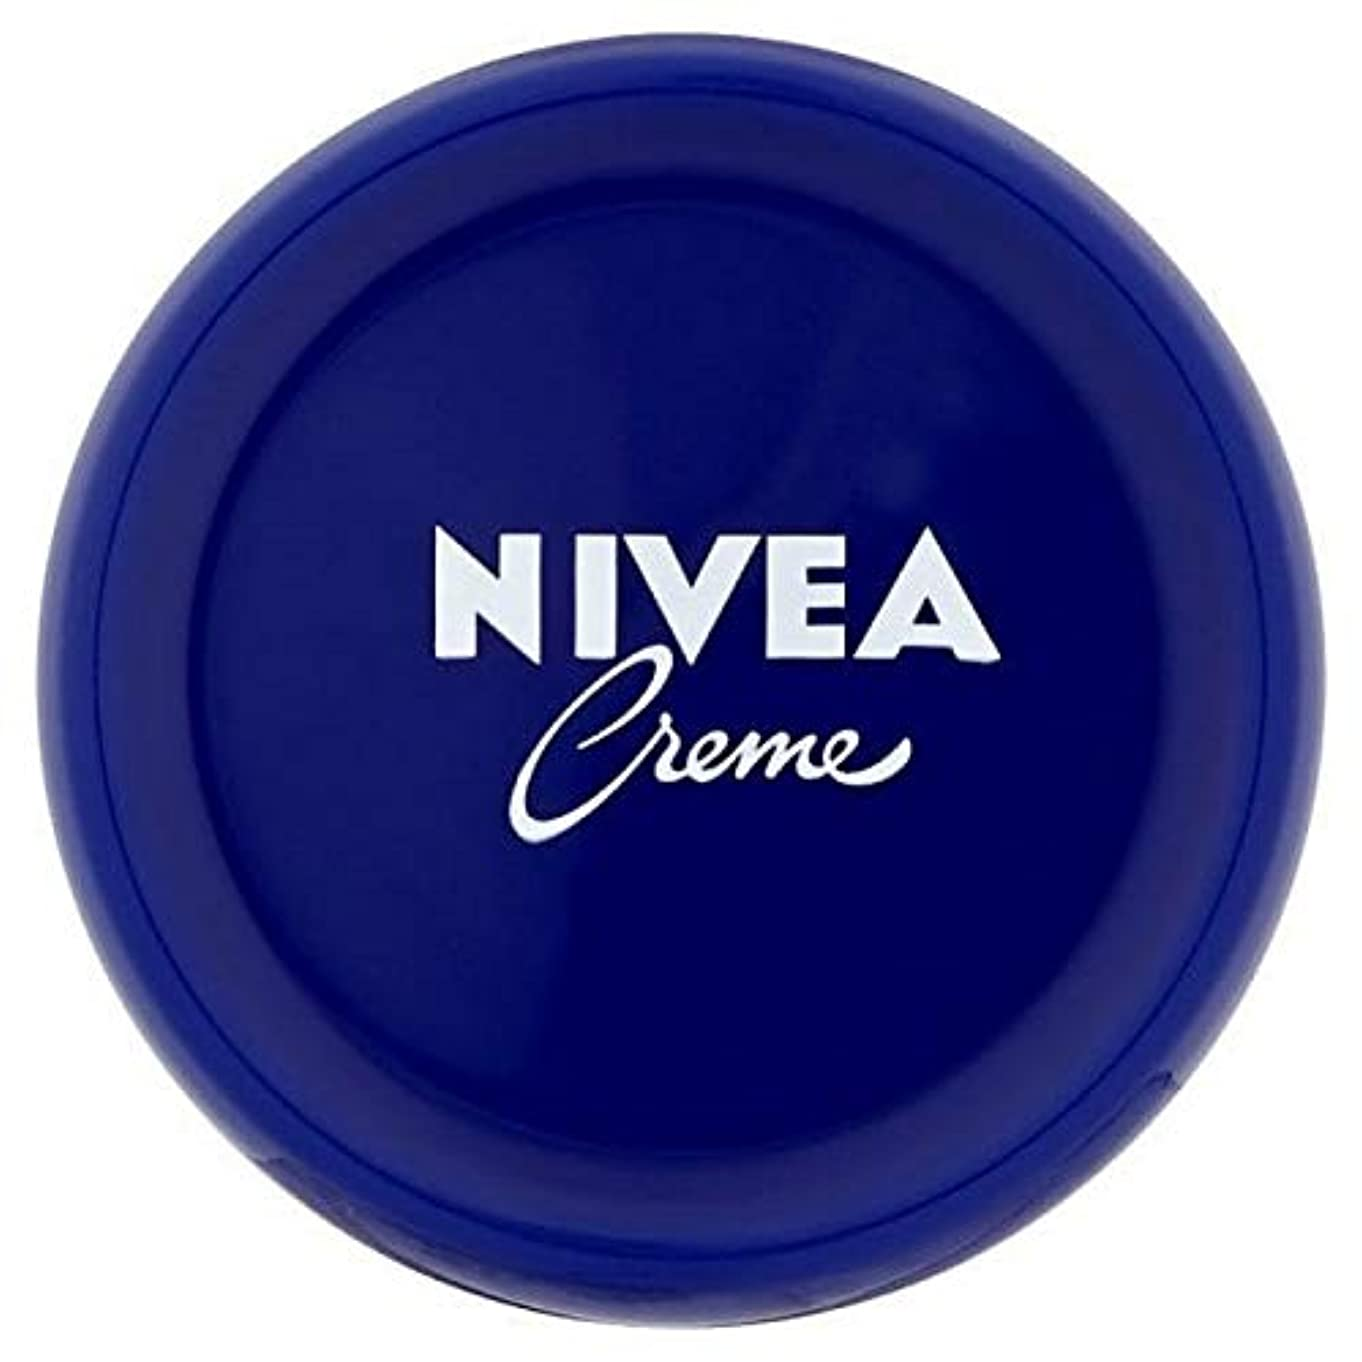 ピルファー韻論争的[Nivea ] ニベアクリーム万能ボディクリーム、50ミリリットル - NIVEA Creme All Purpose Body Cream, 50ml [並行輸入品]